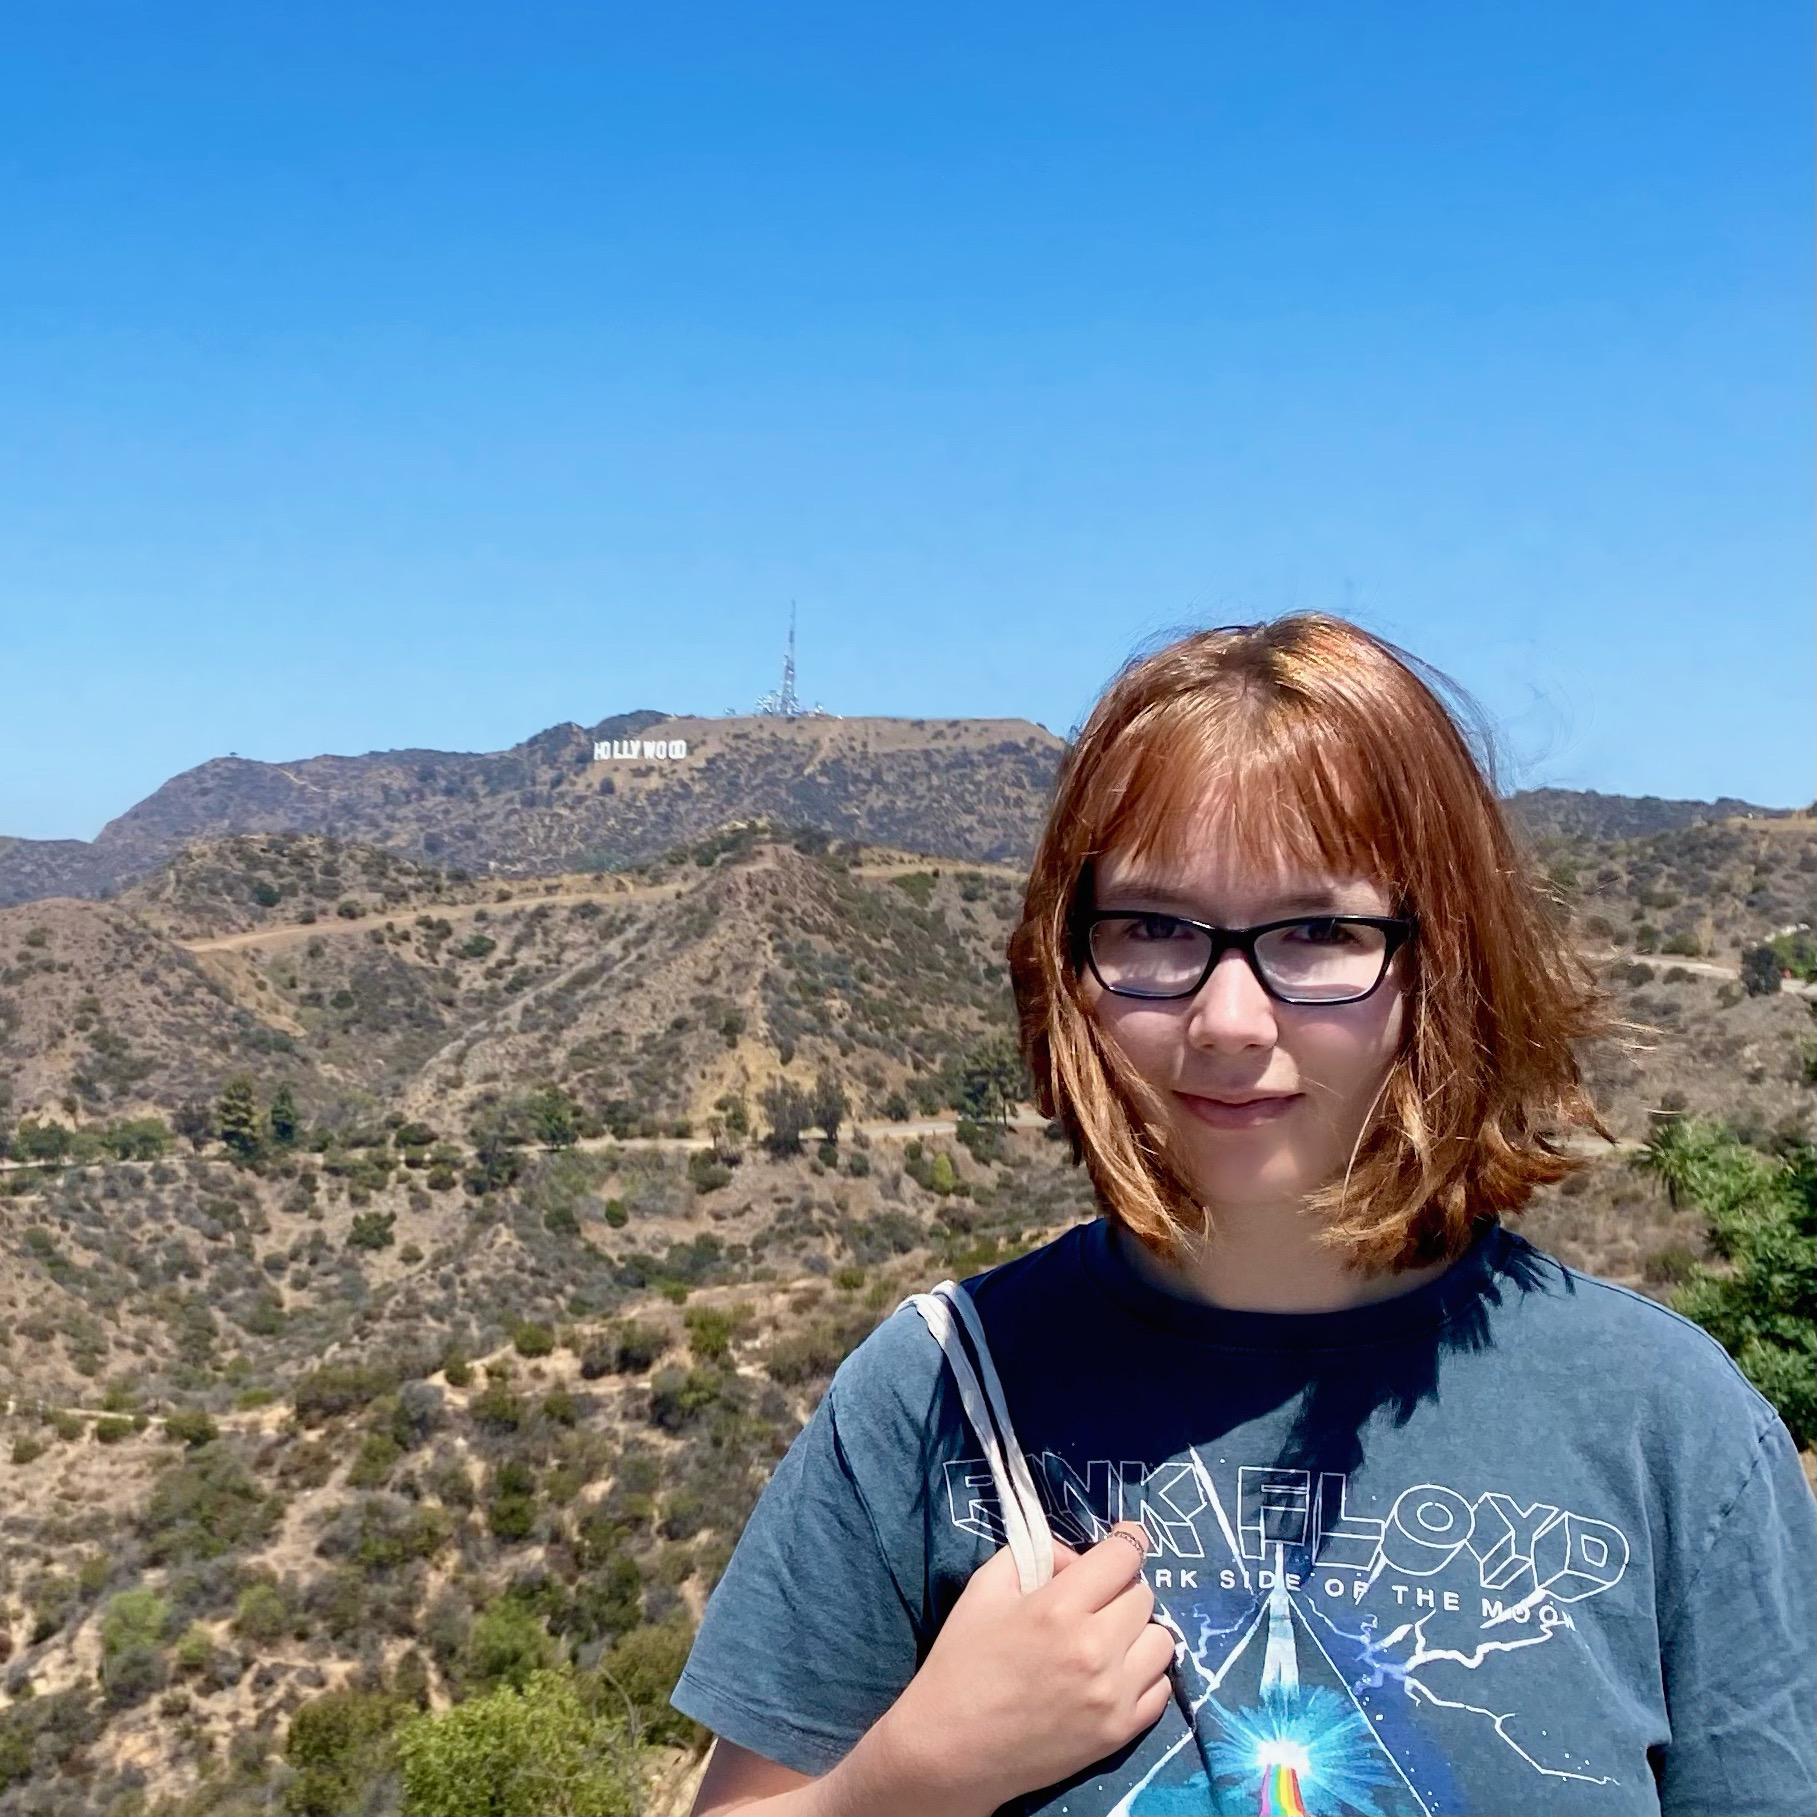 Teilnehmerin während Ausflug zum Hollywood-Sign